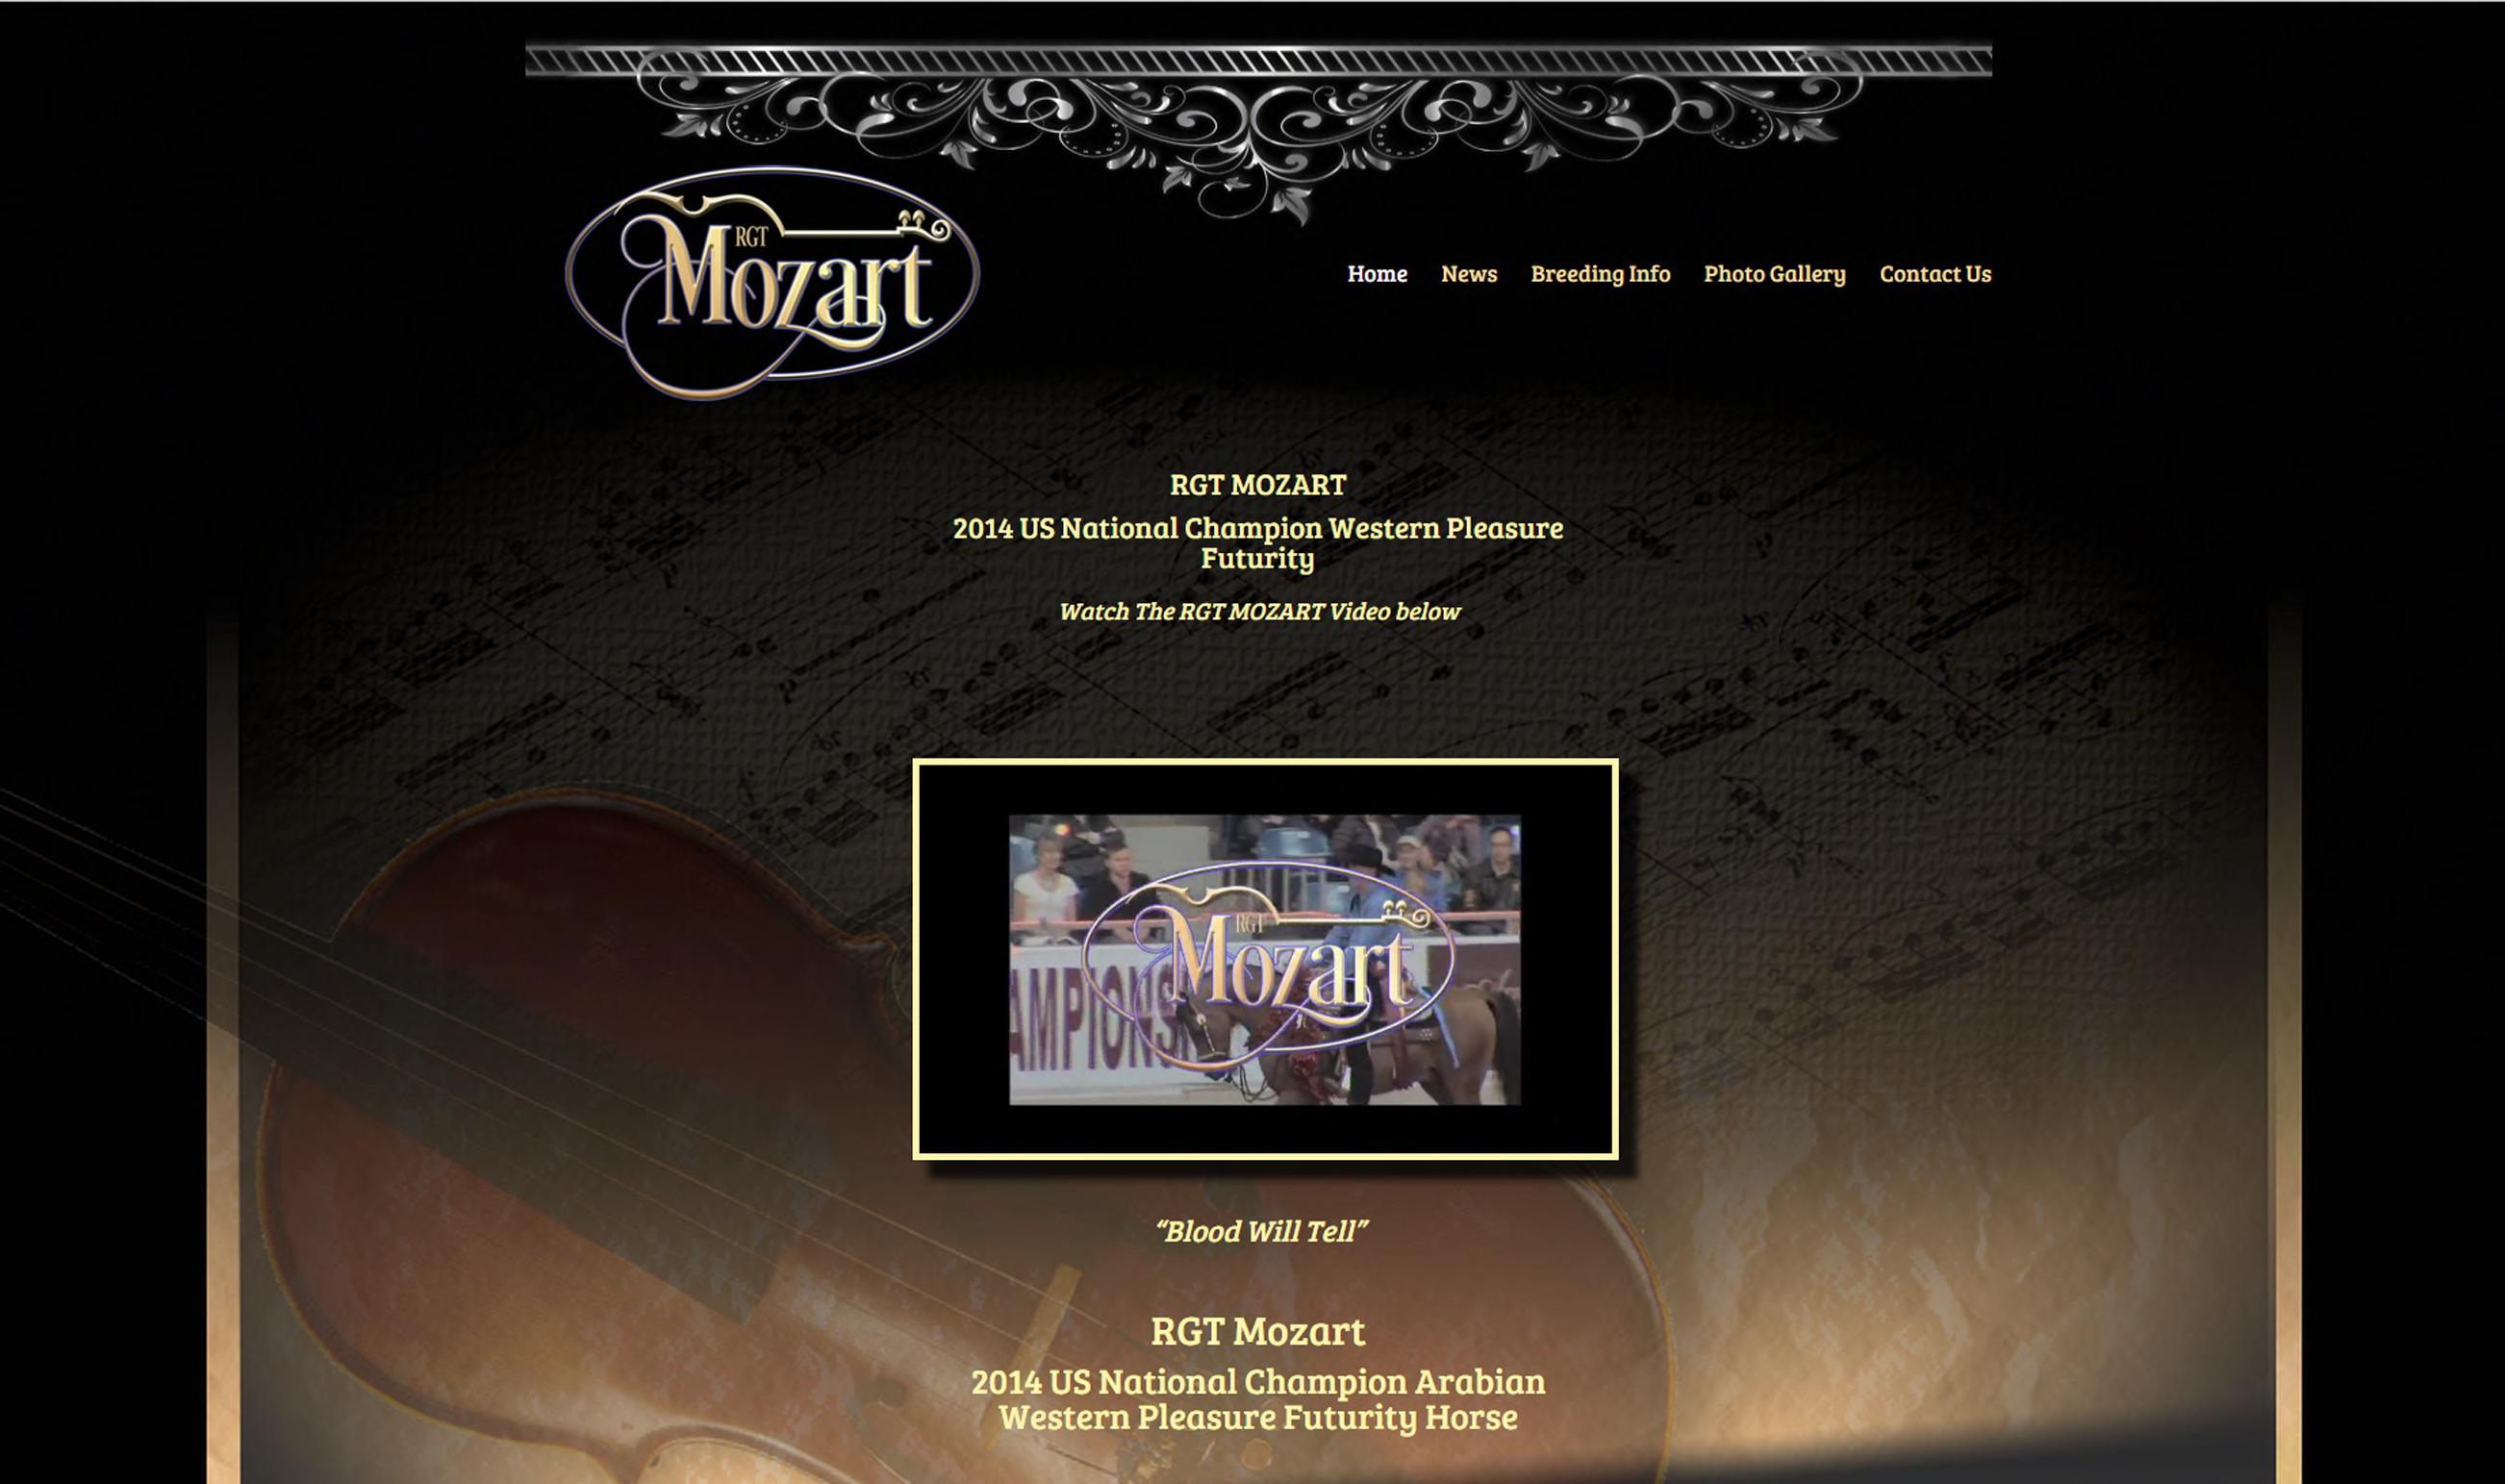 www.rgtmozart.com